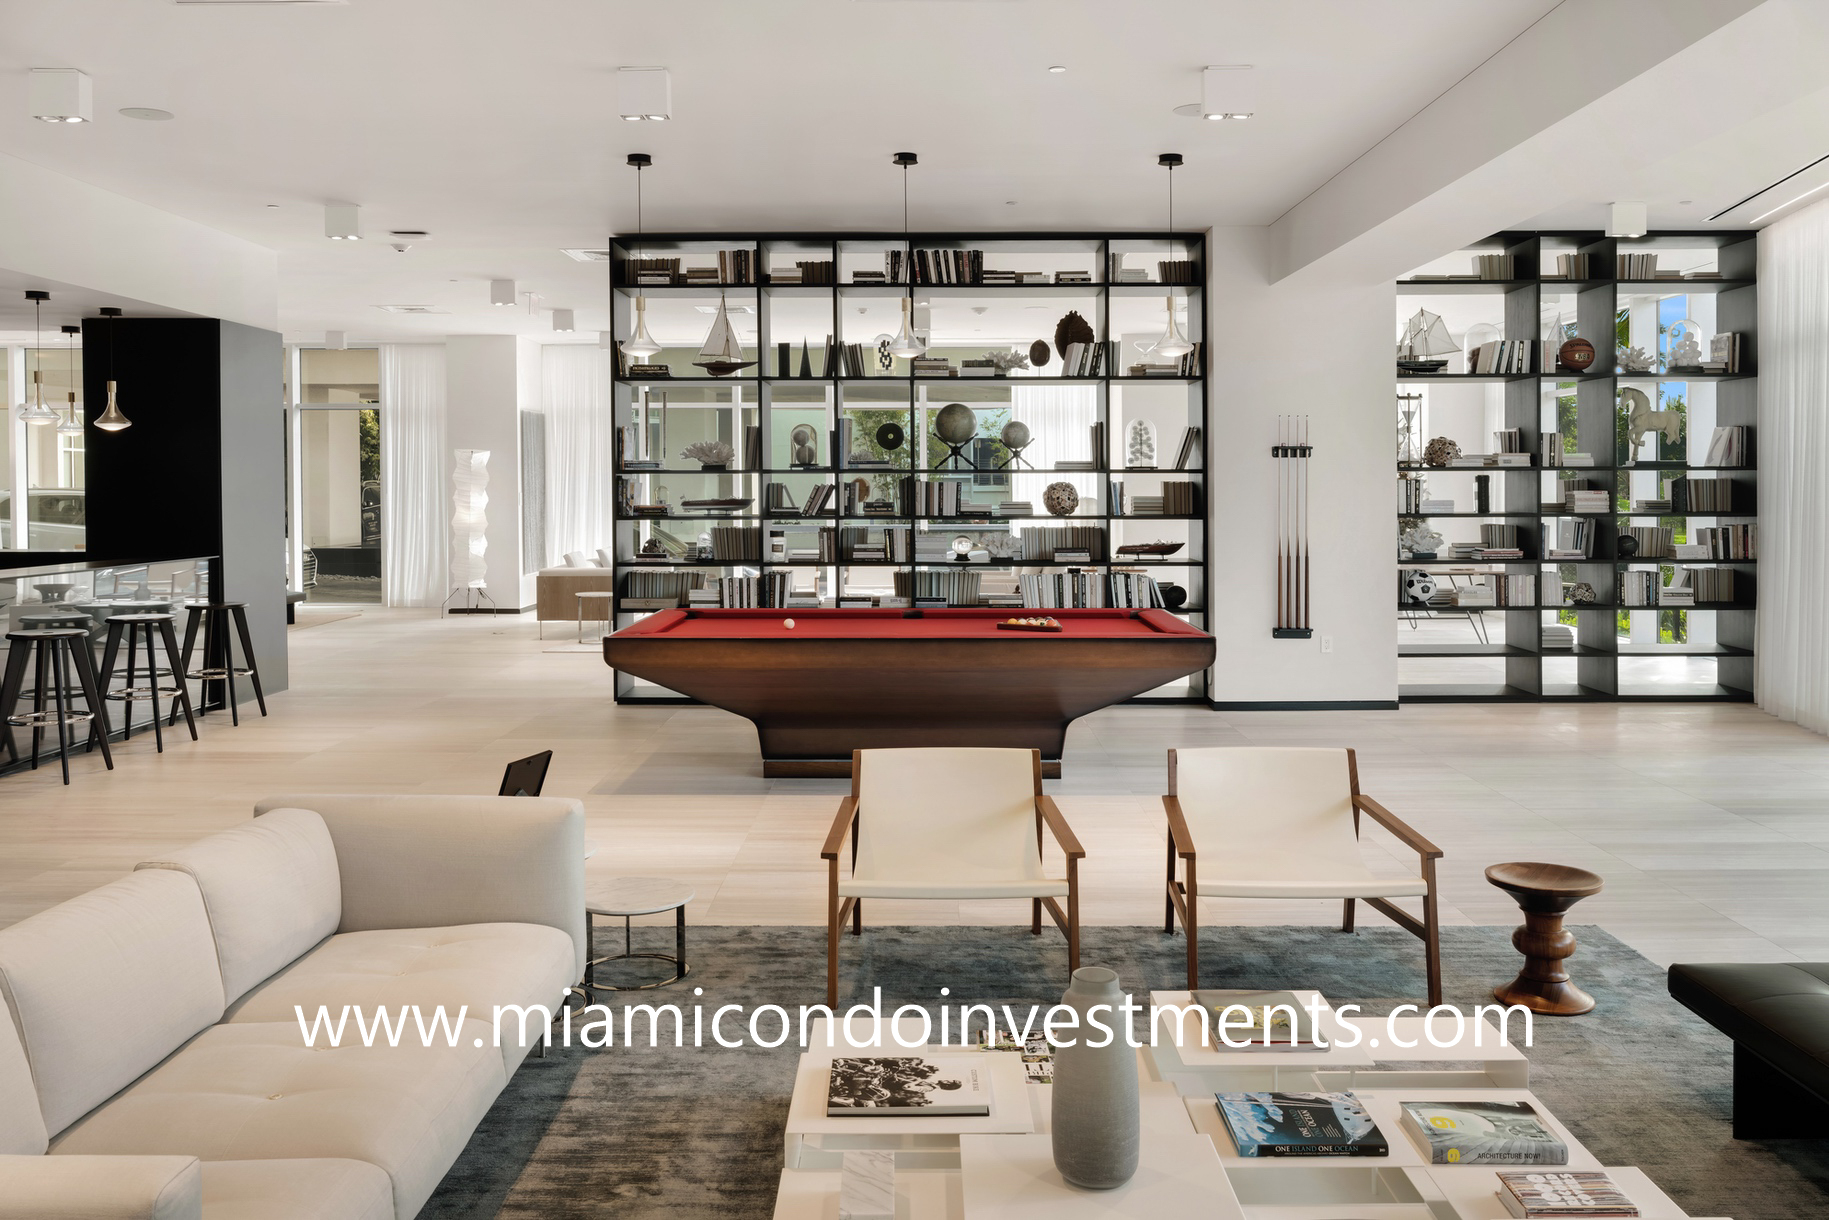 Ritz-Carlton Residences Miami Beach social room